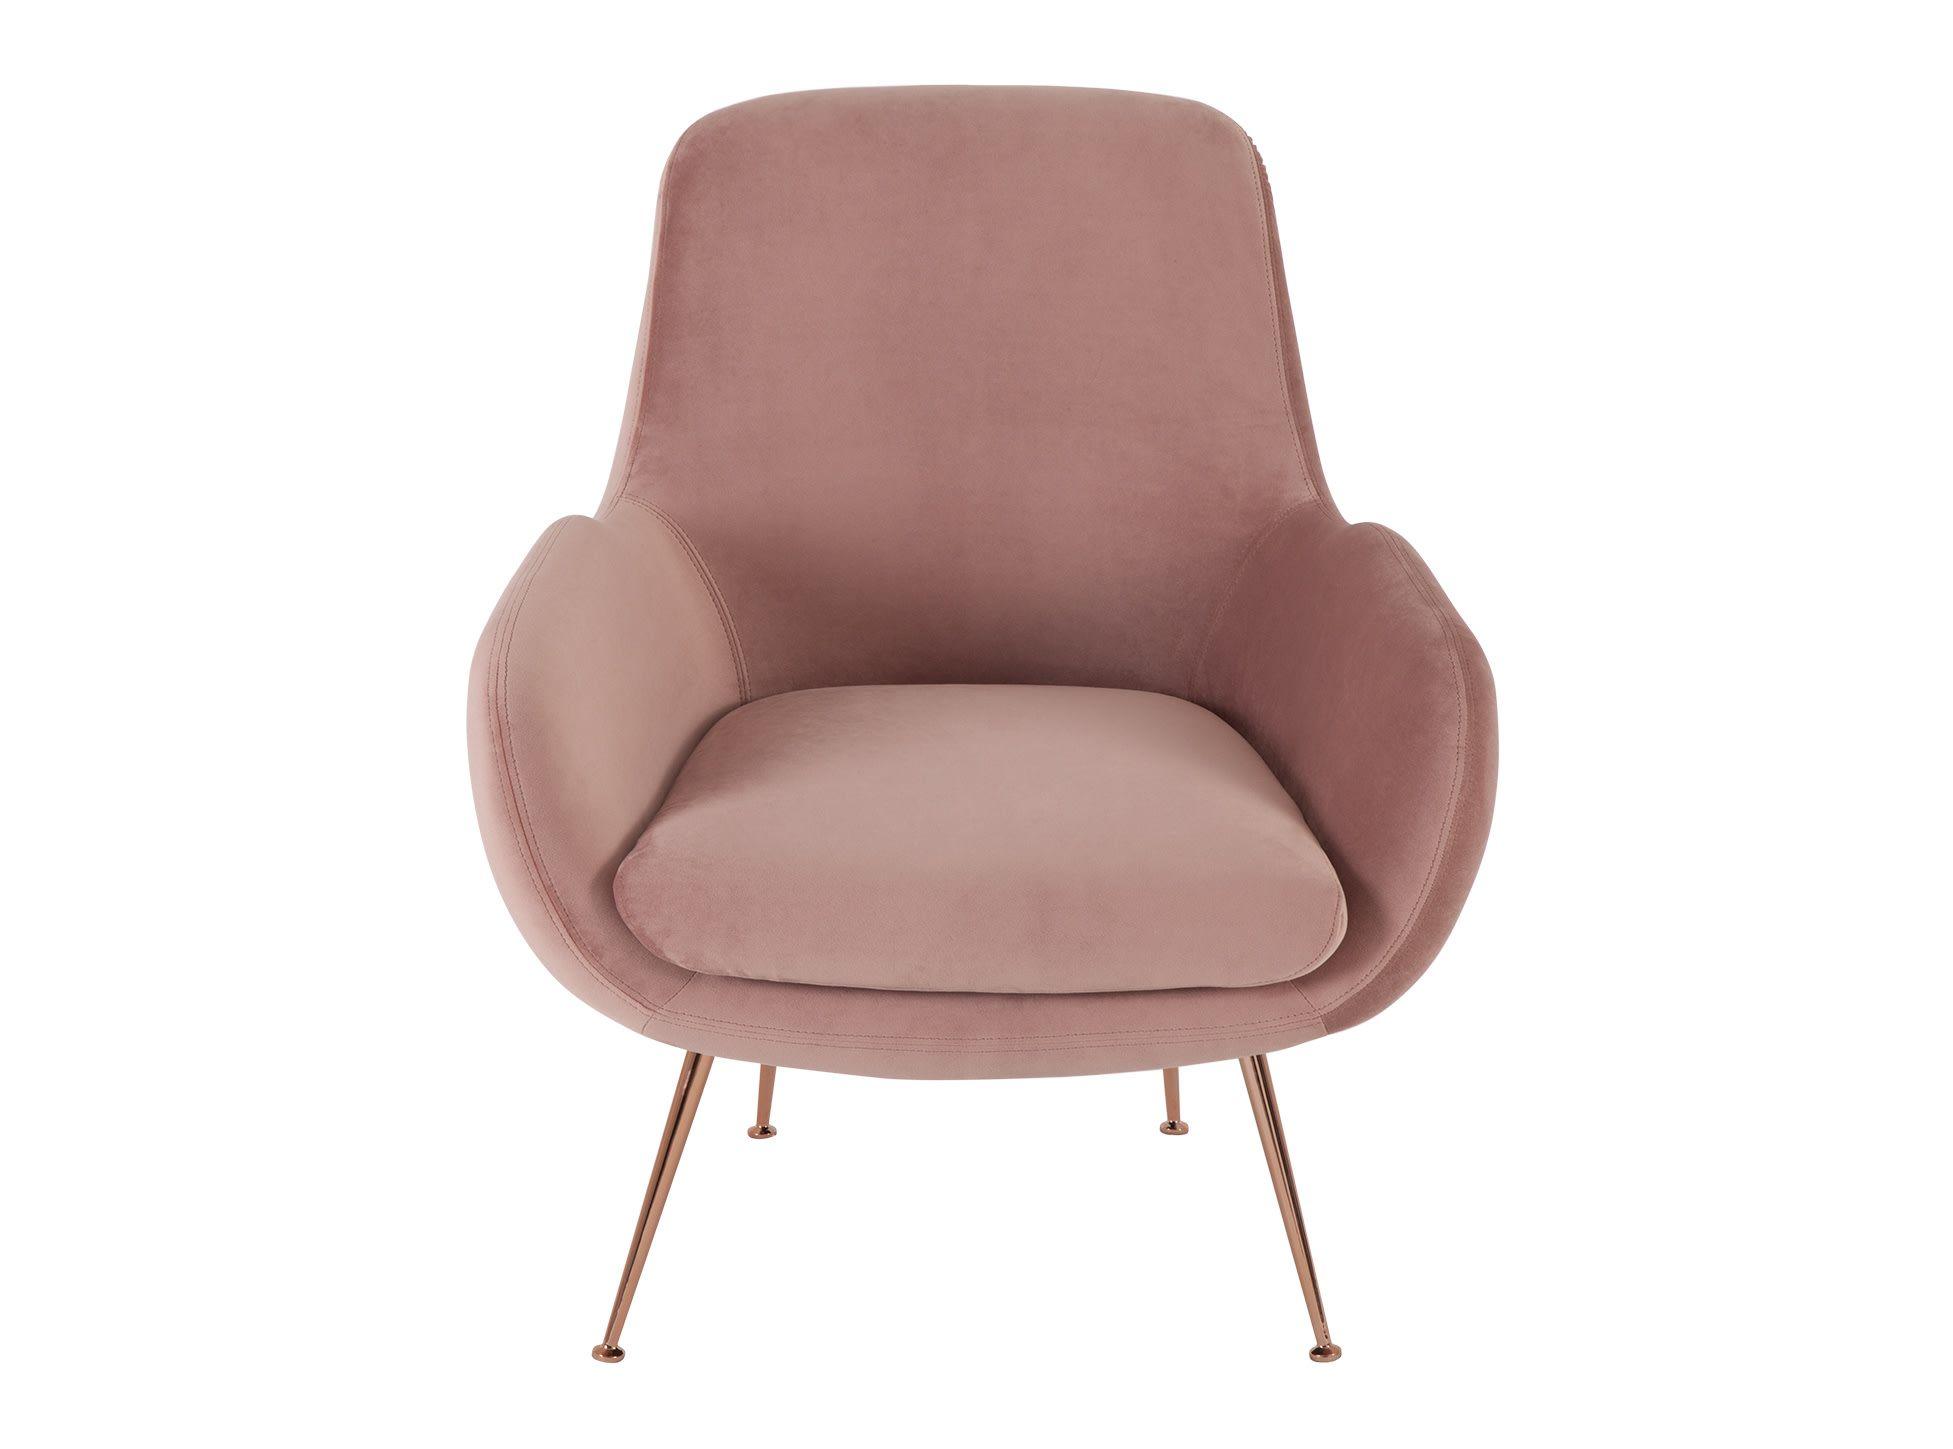 Roze Slaapkamer Stoel : Moby fauteuil oudroze fluweel woonkamer oudroze